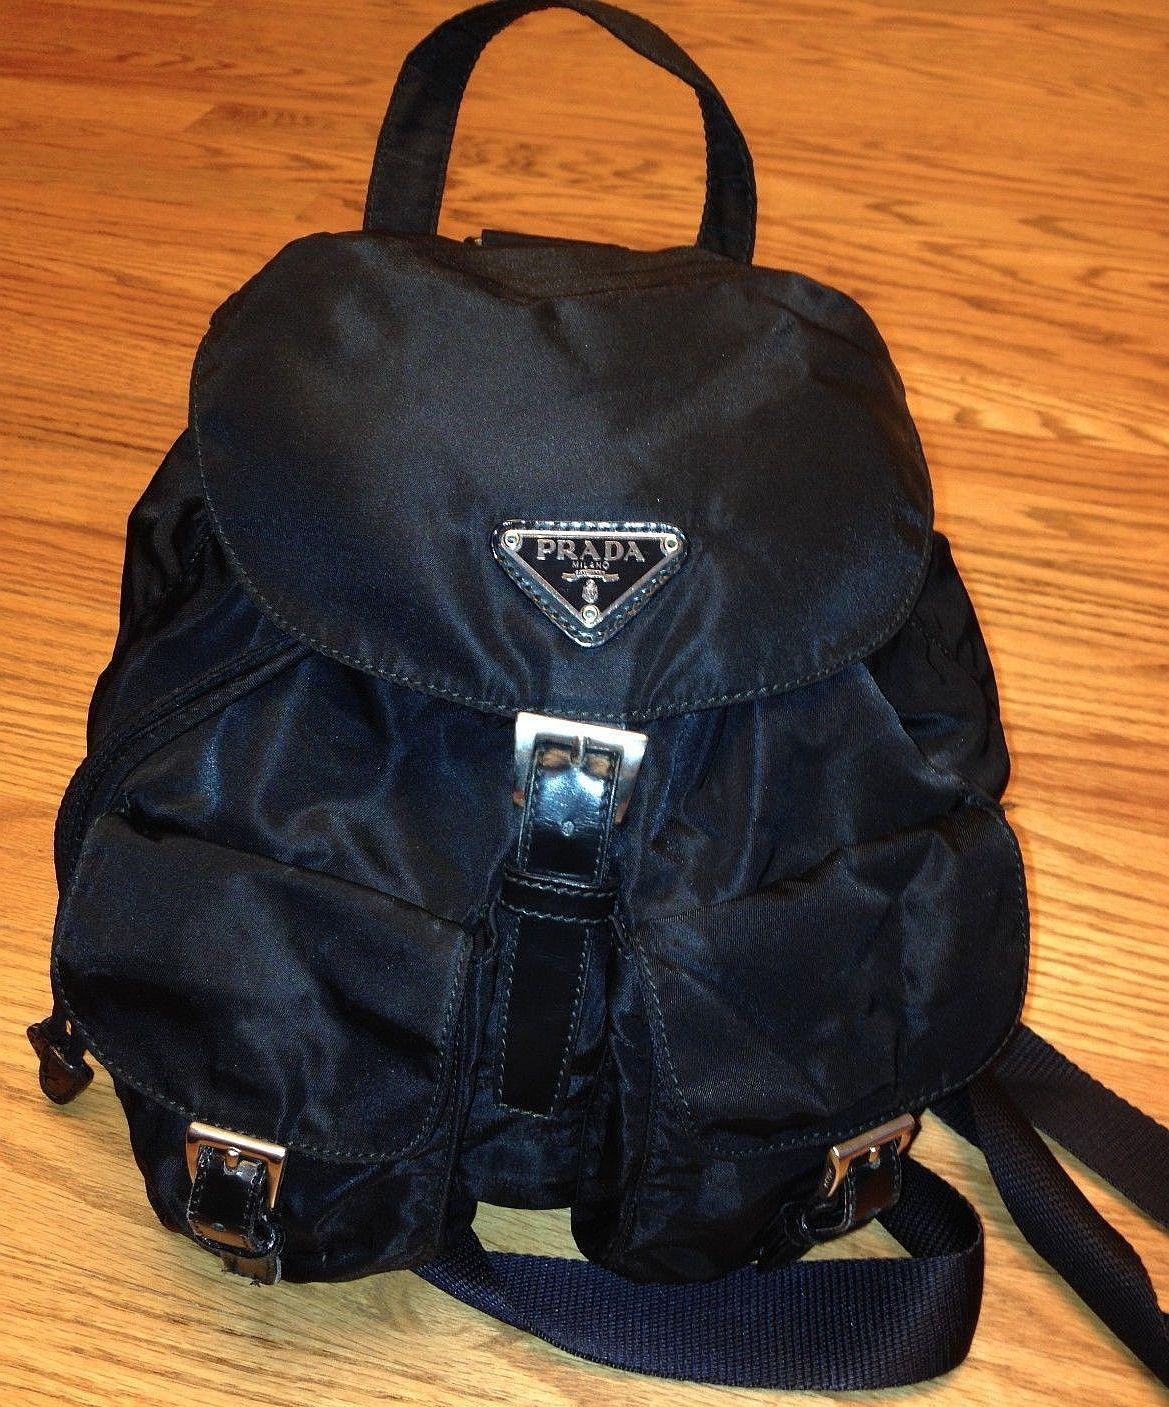 0468b5c4ee8df Prada Ladies Backpack (Pre-owned Women s Black Nylon Designer Back Pack)